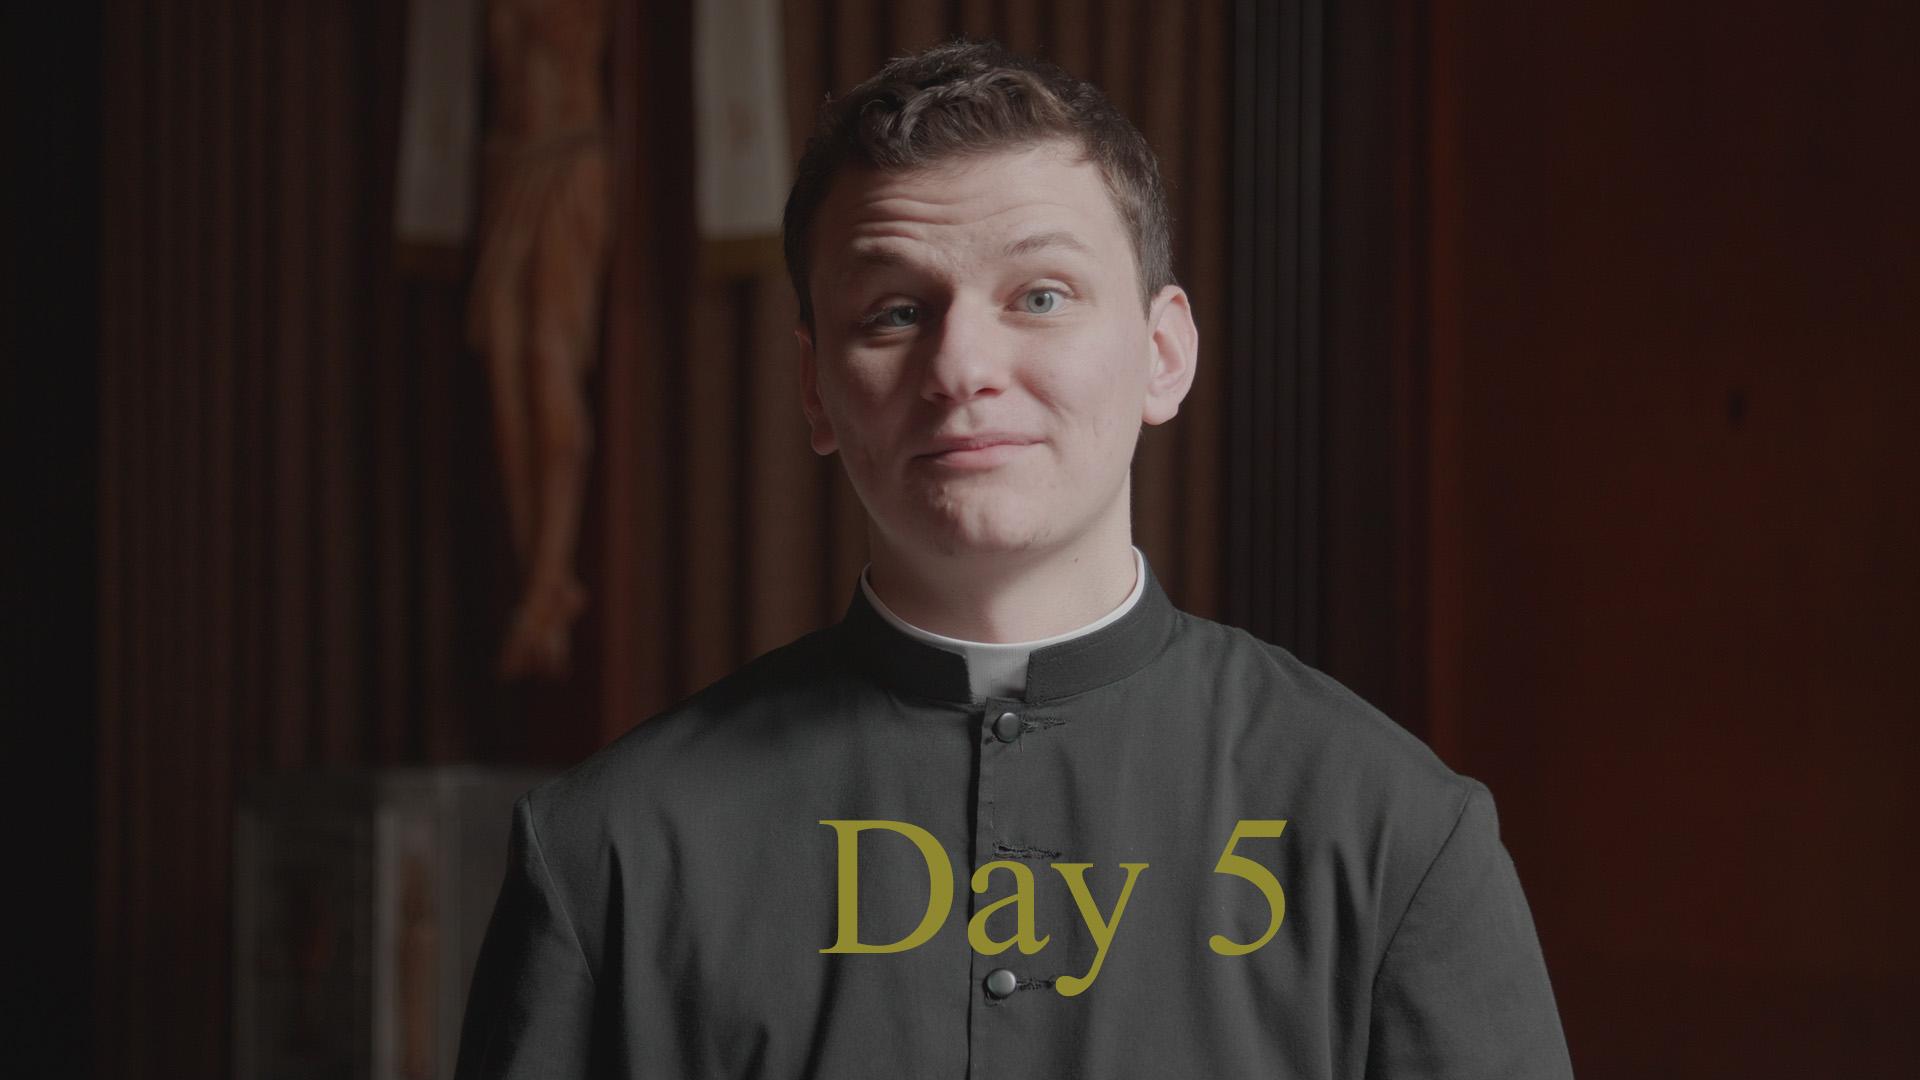 Novena for Vocations, Day 5